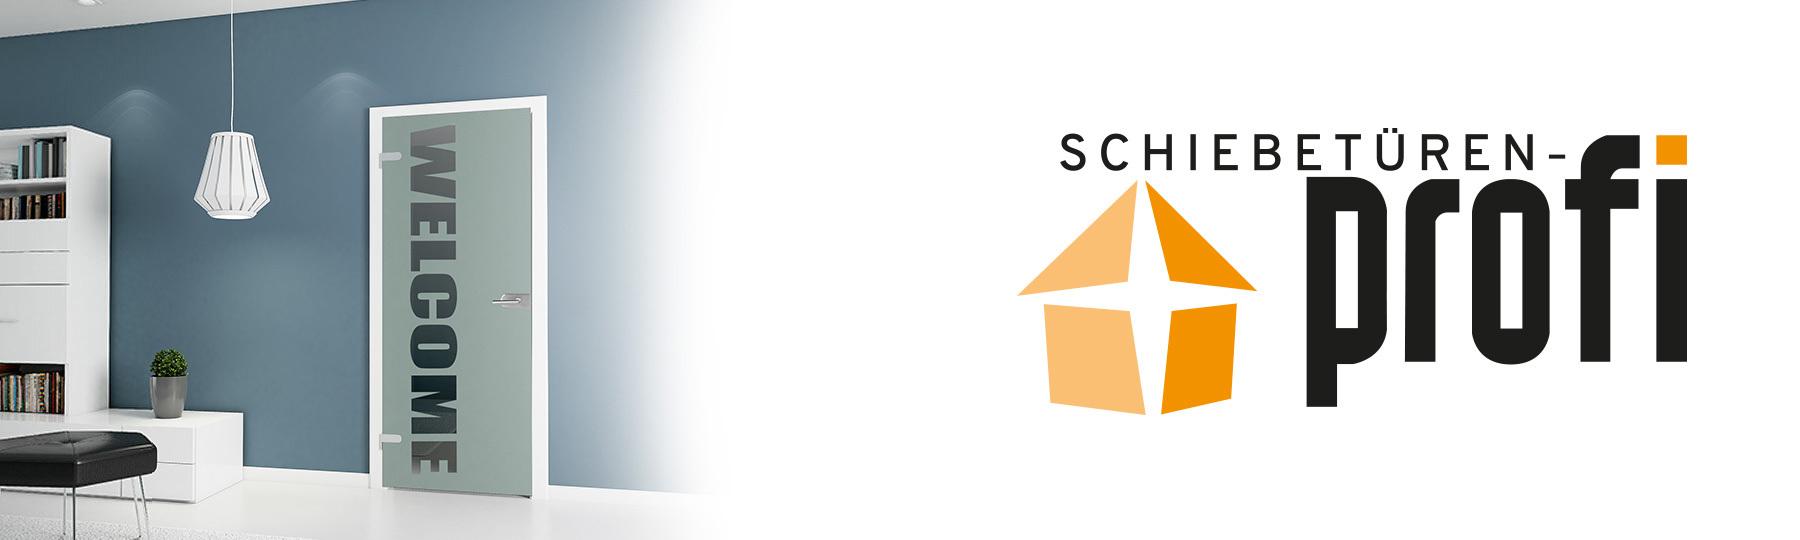 Schiebetüren-Profi-Logo-Bild